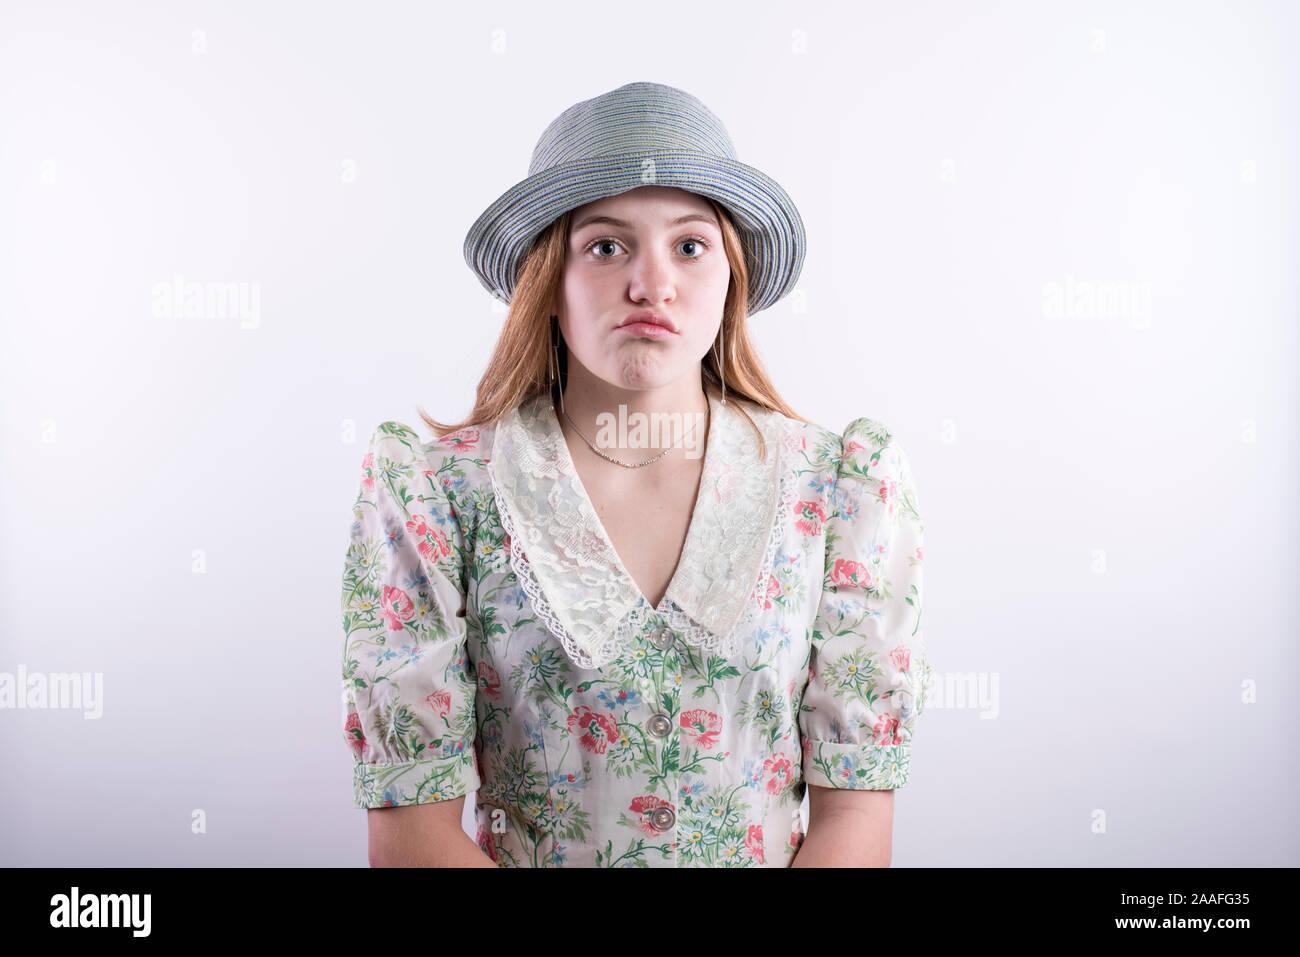 kirsche teen modell galerie